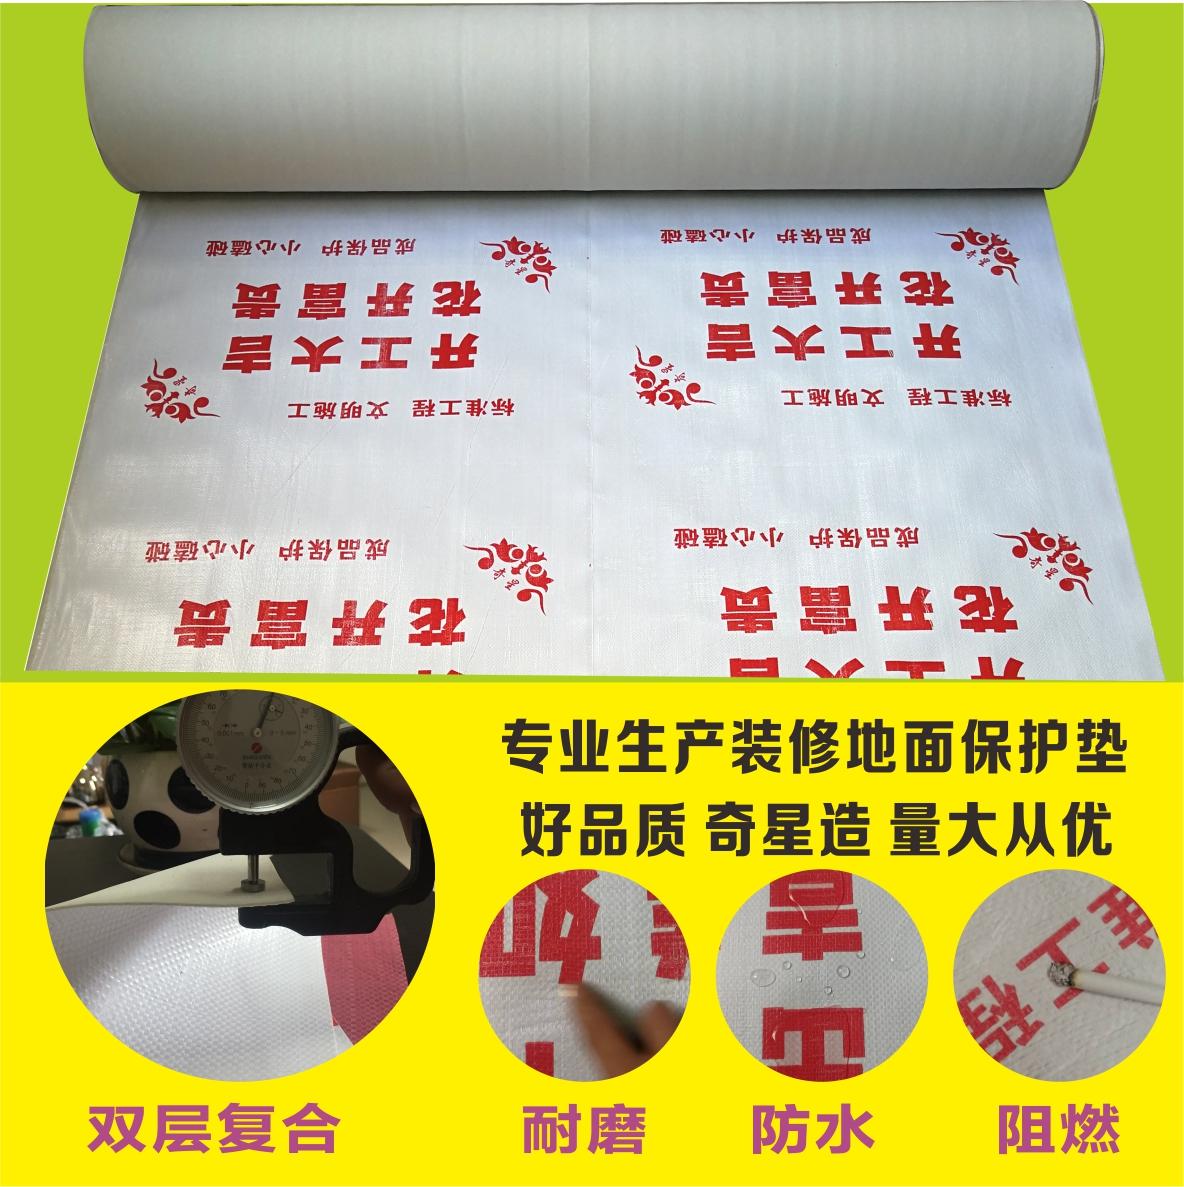 装修地面保护膜家装工装地板瓷砖保护垫双层加厚耐磨成品防护热销